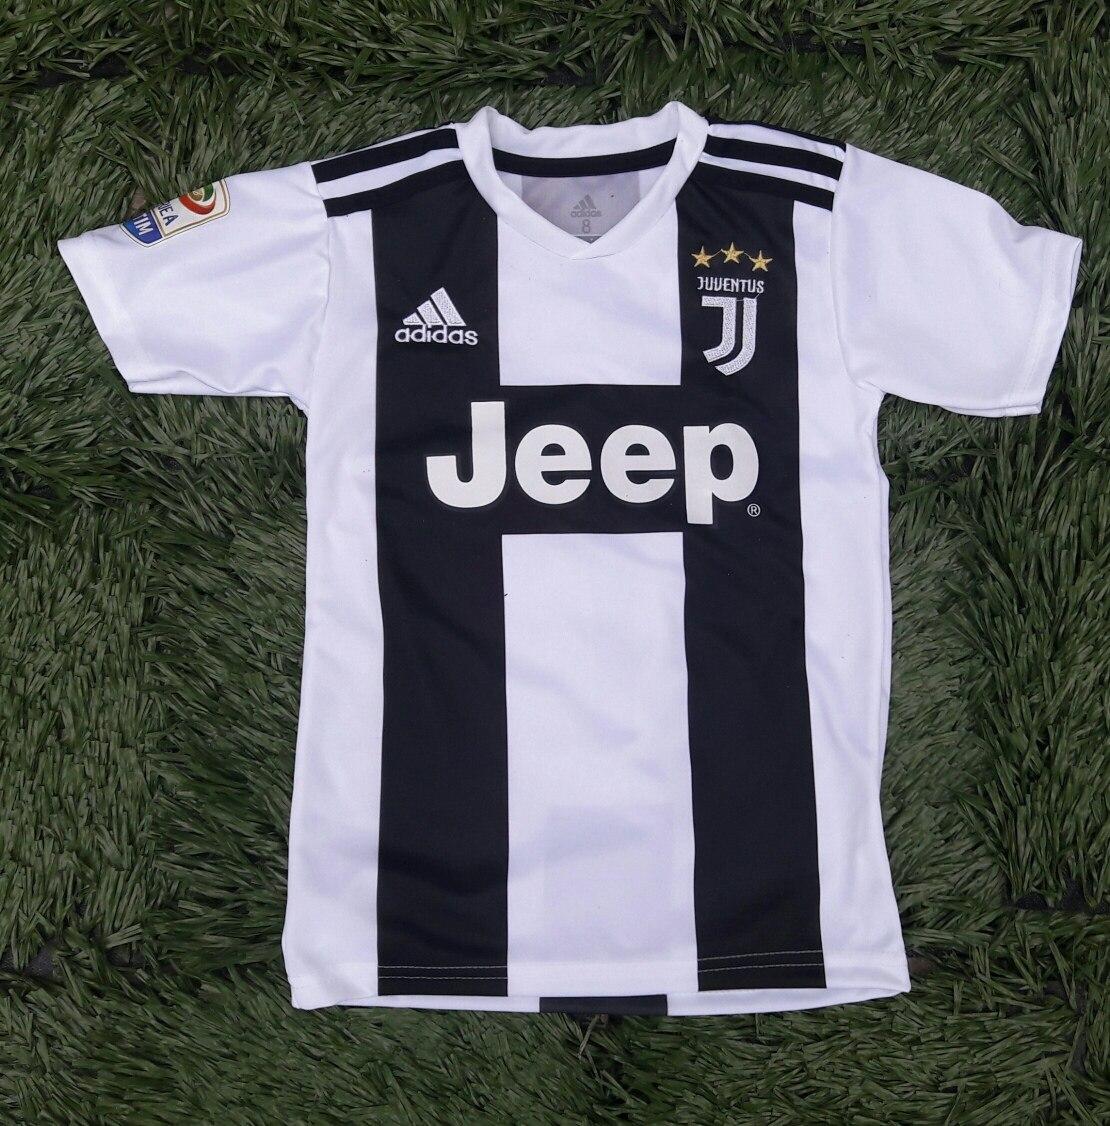 8d2e1752d4f89 Camiseta Juventus niños